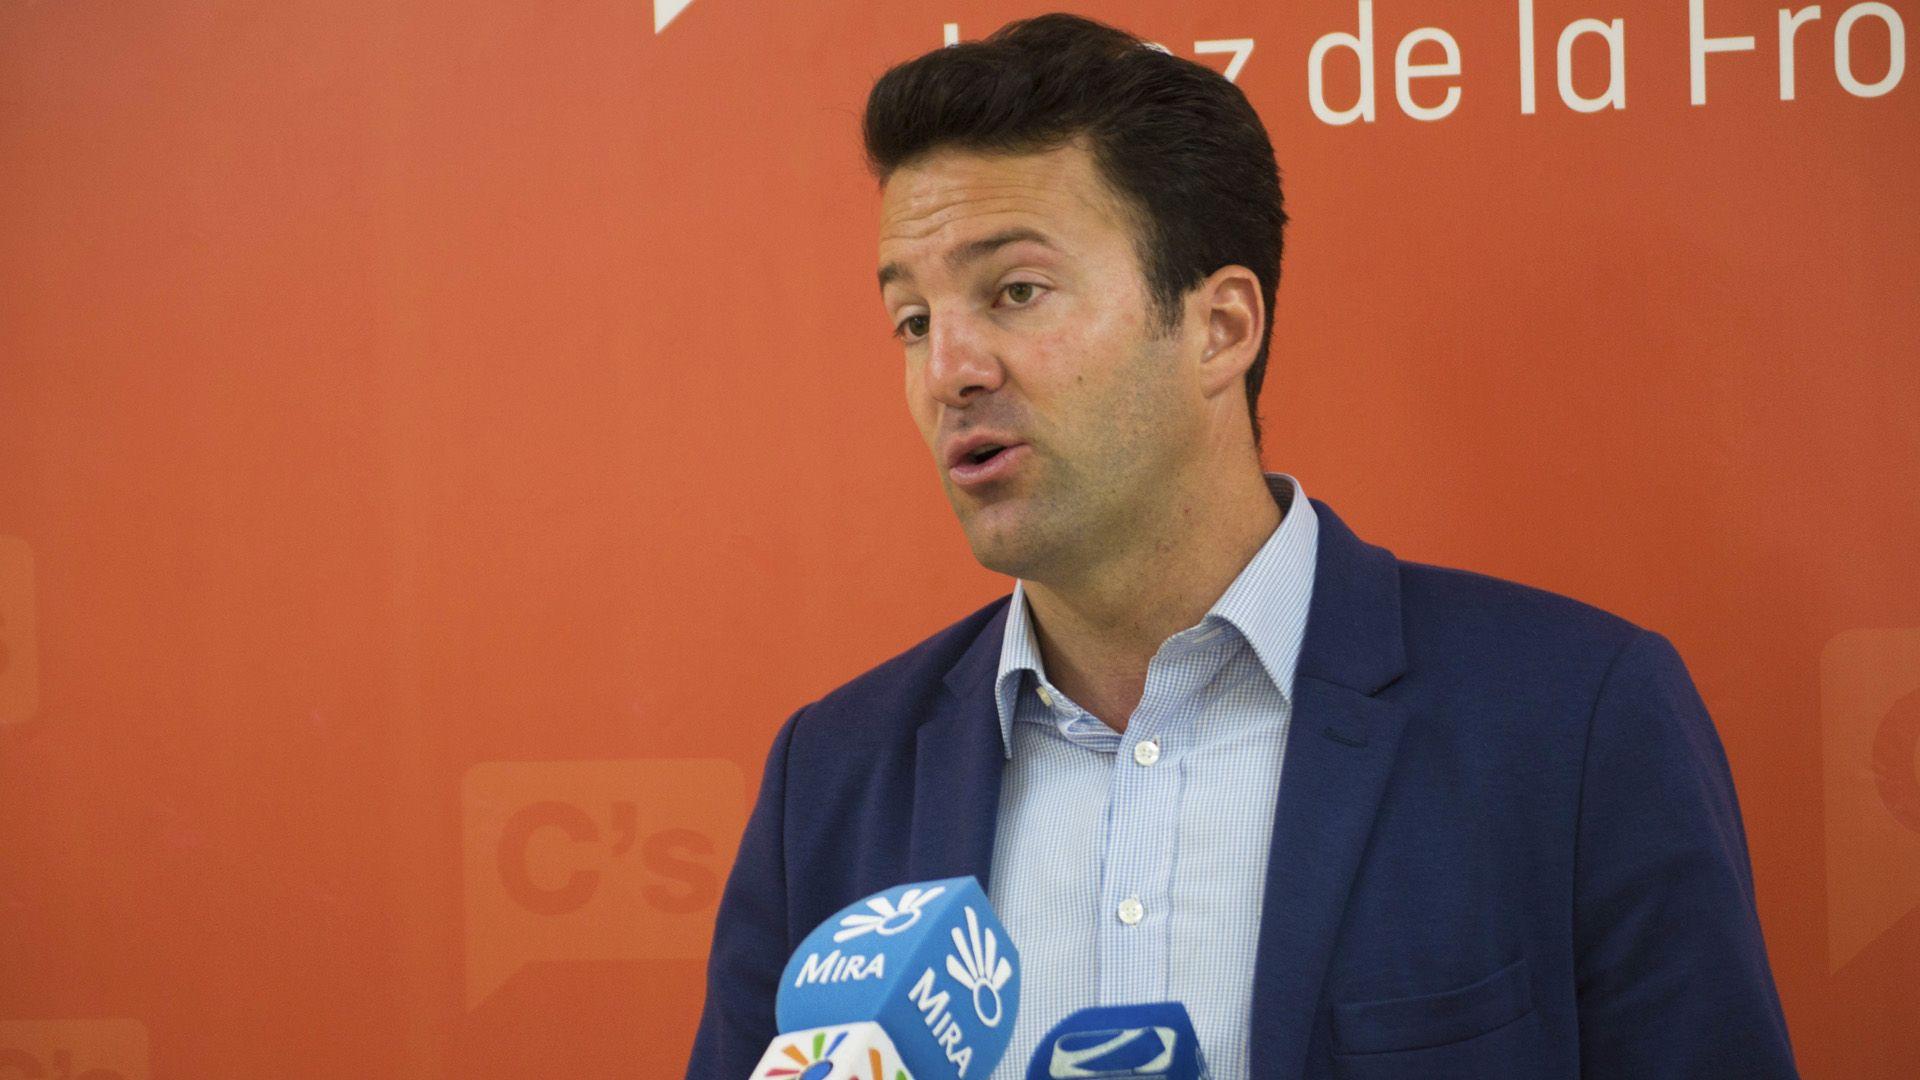 Carlos Pérez en rueda de prensa, 16 de Mayo de 2016   Pablo Illanas para MIRA Jerez